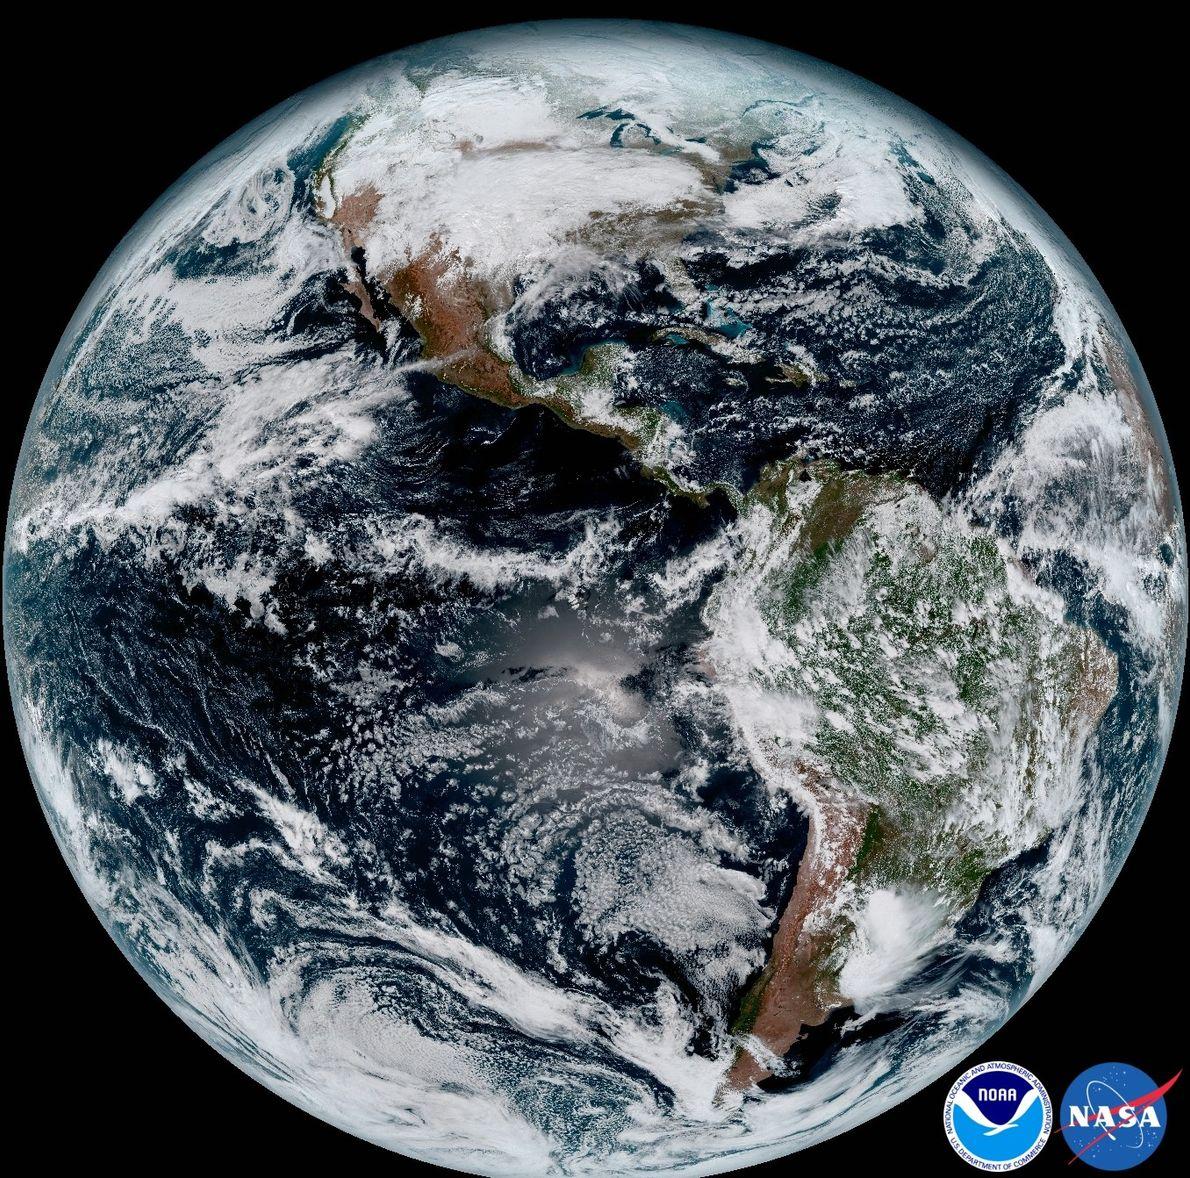 Imagem da Terra